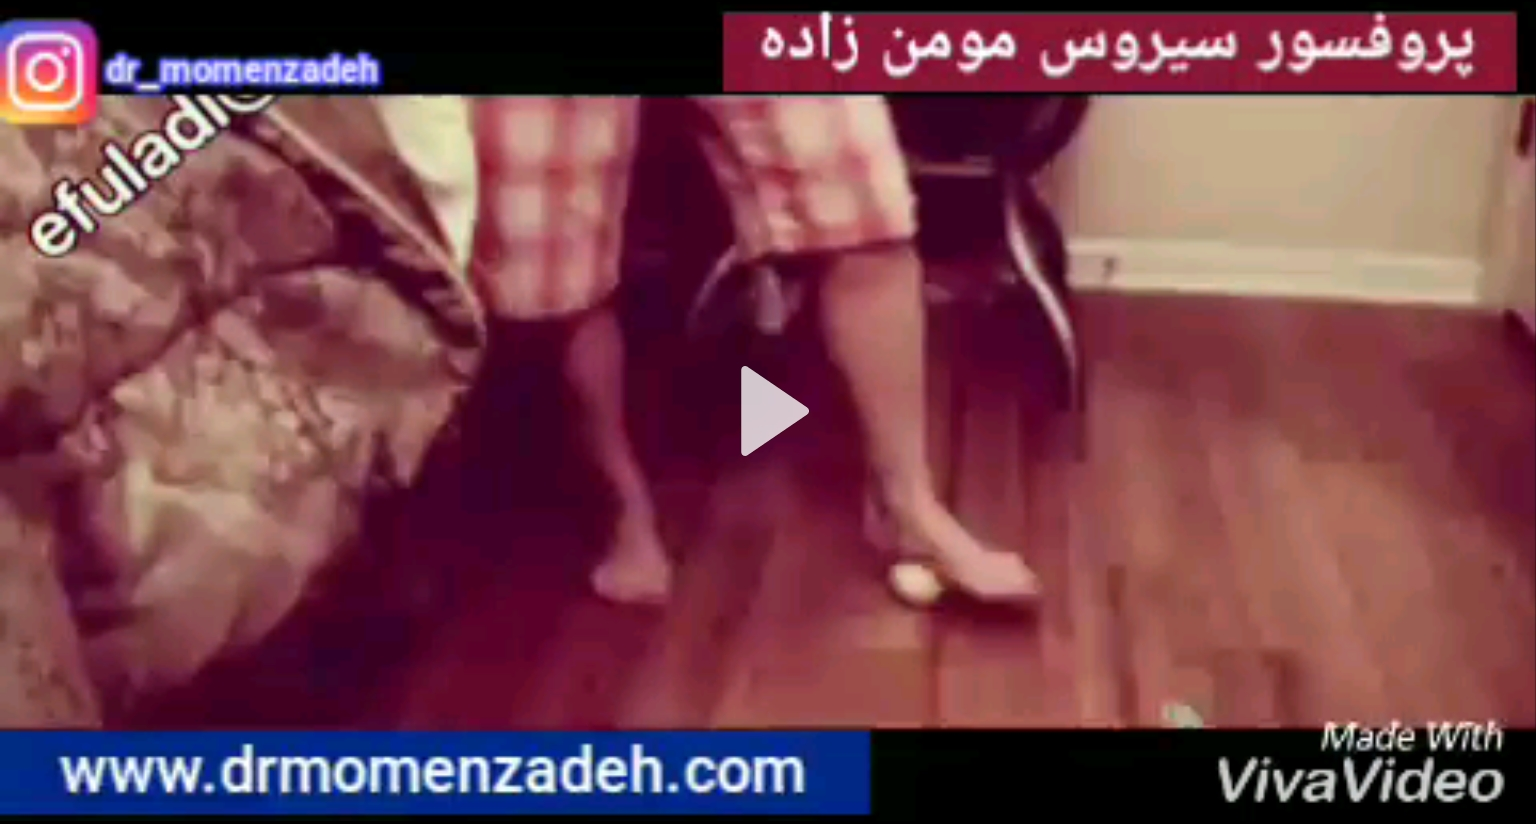 درمان خار پاشنه و دردهای کف پا